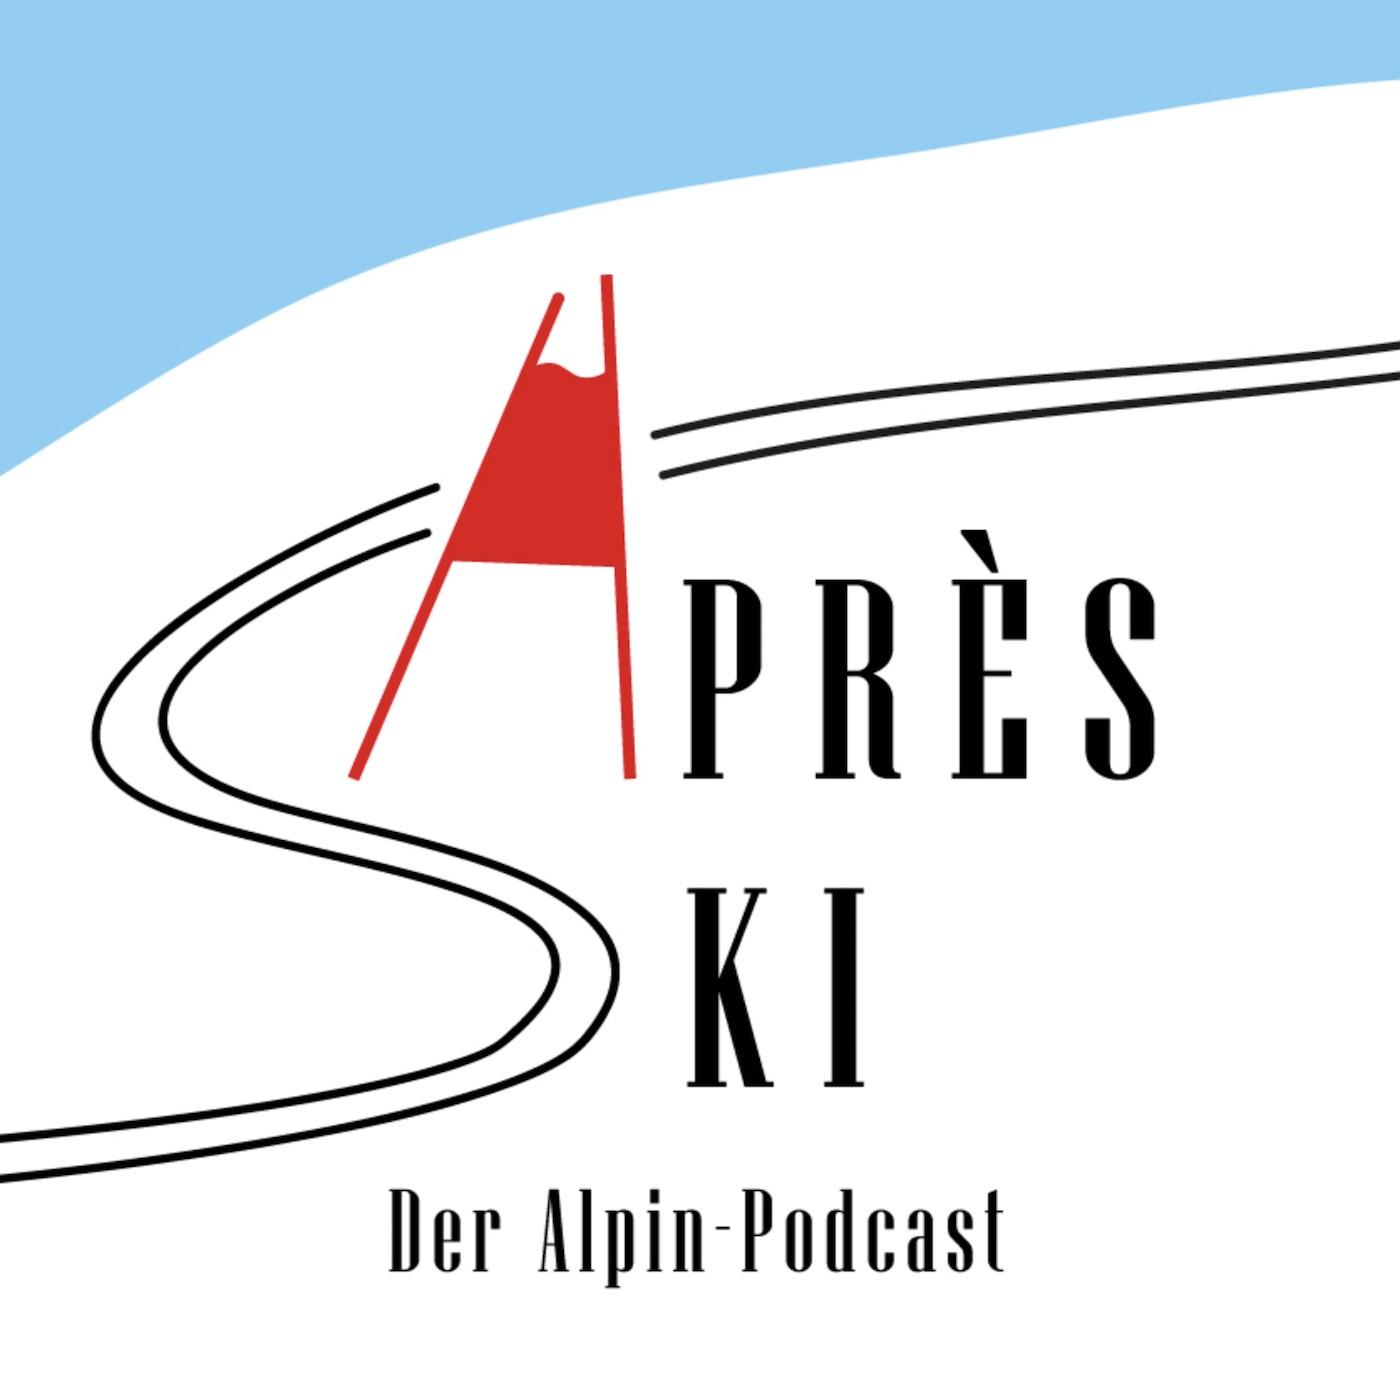 Après Ski - Der Alpin-Podcast